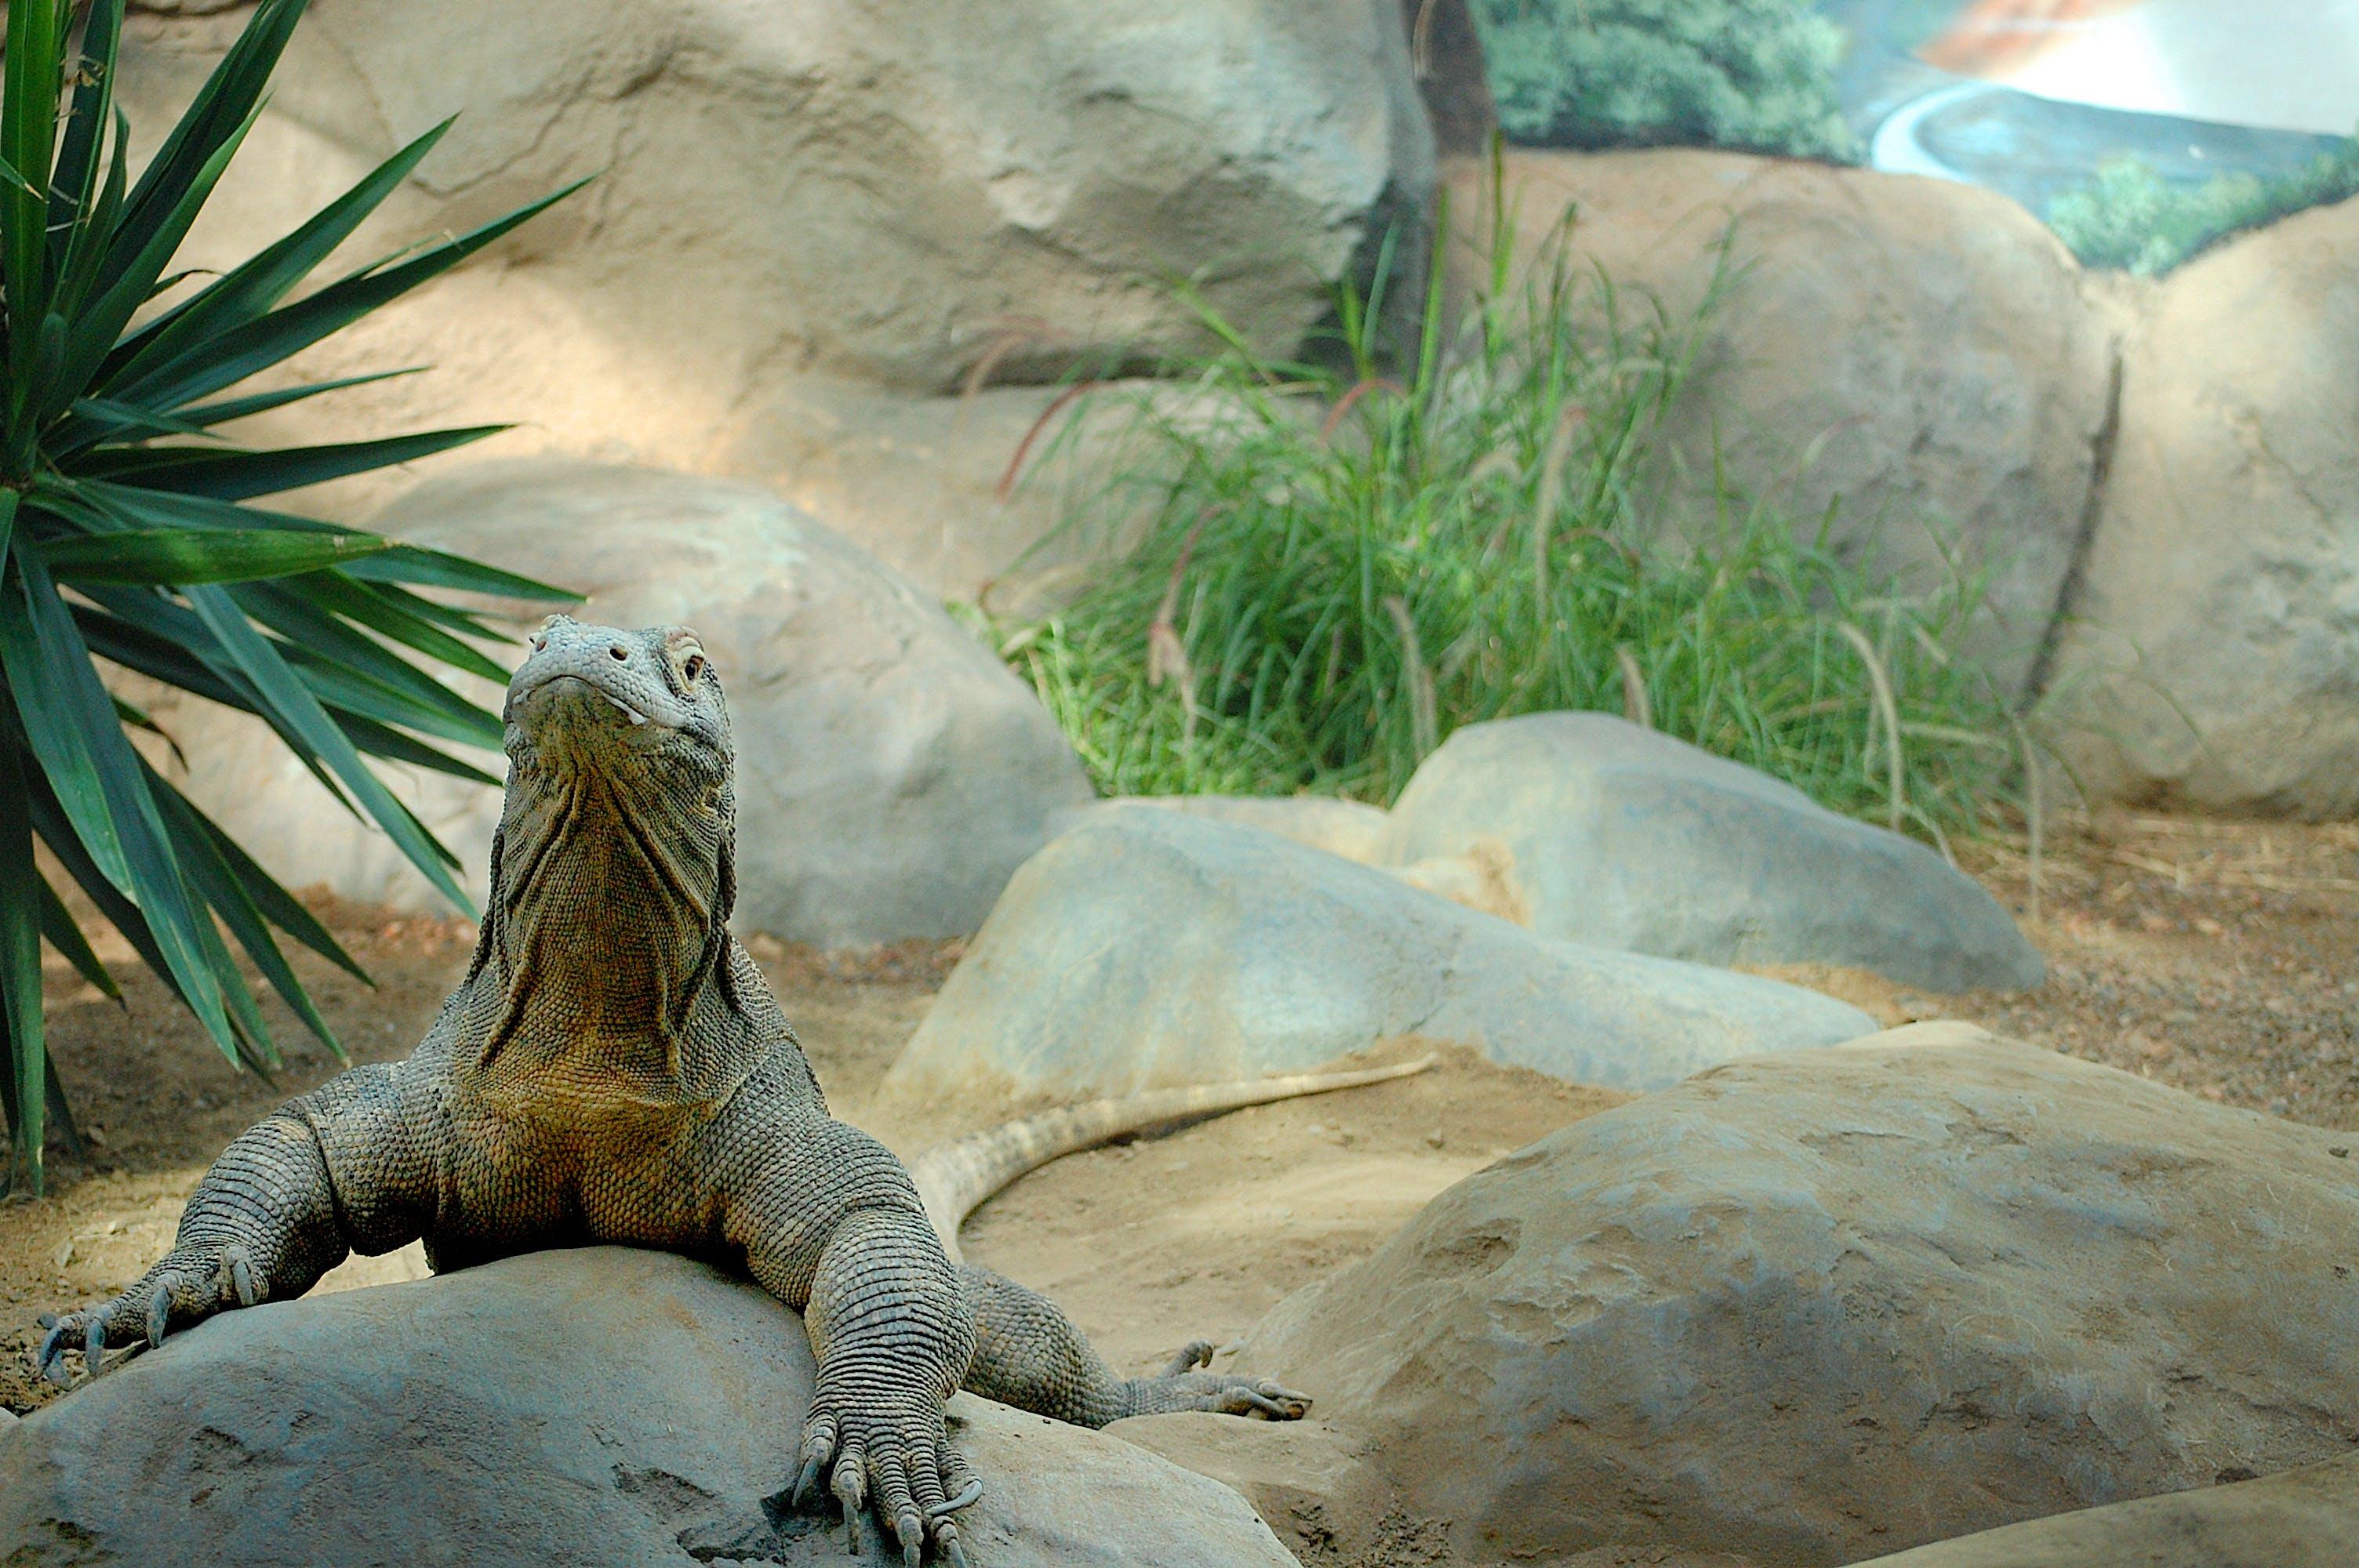 Free stock photo of Denver, Komodo Dragon, zoo